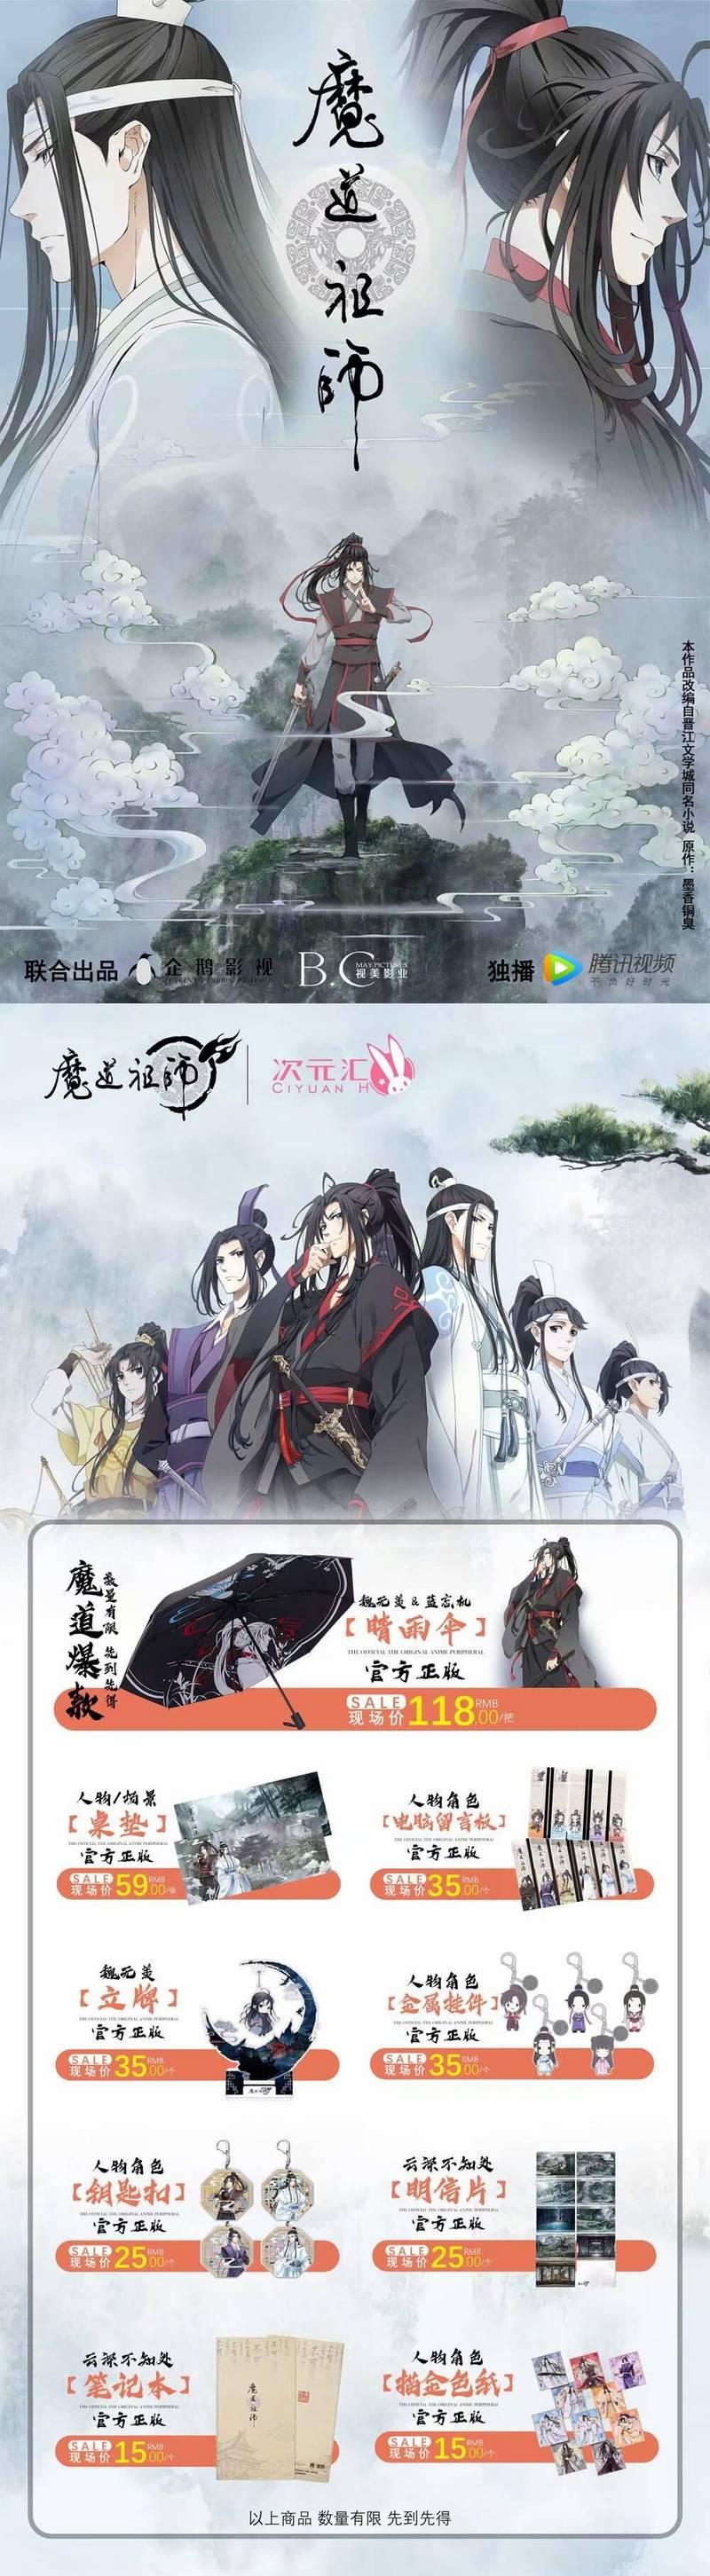 【萌荷11】最新活动宣 8月3~4日舜耕会展中心-C3动漫网